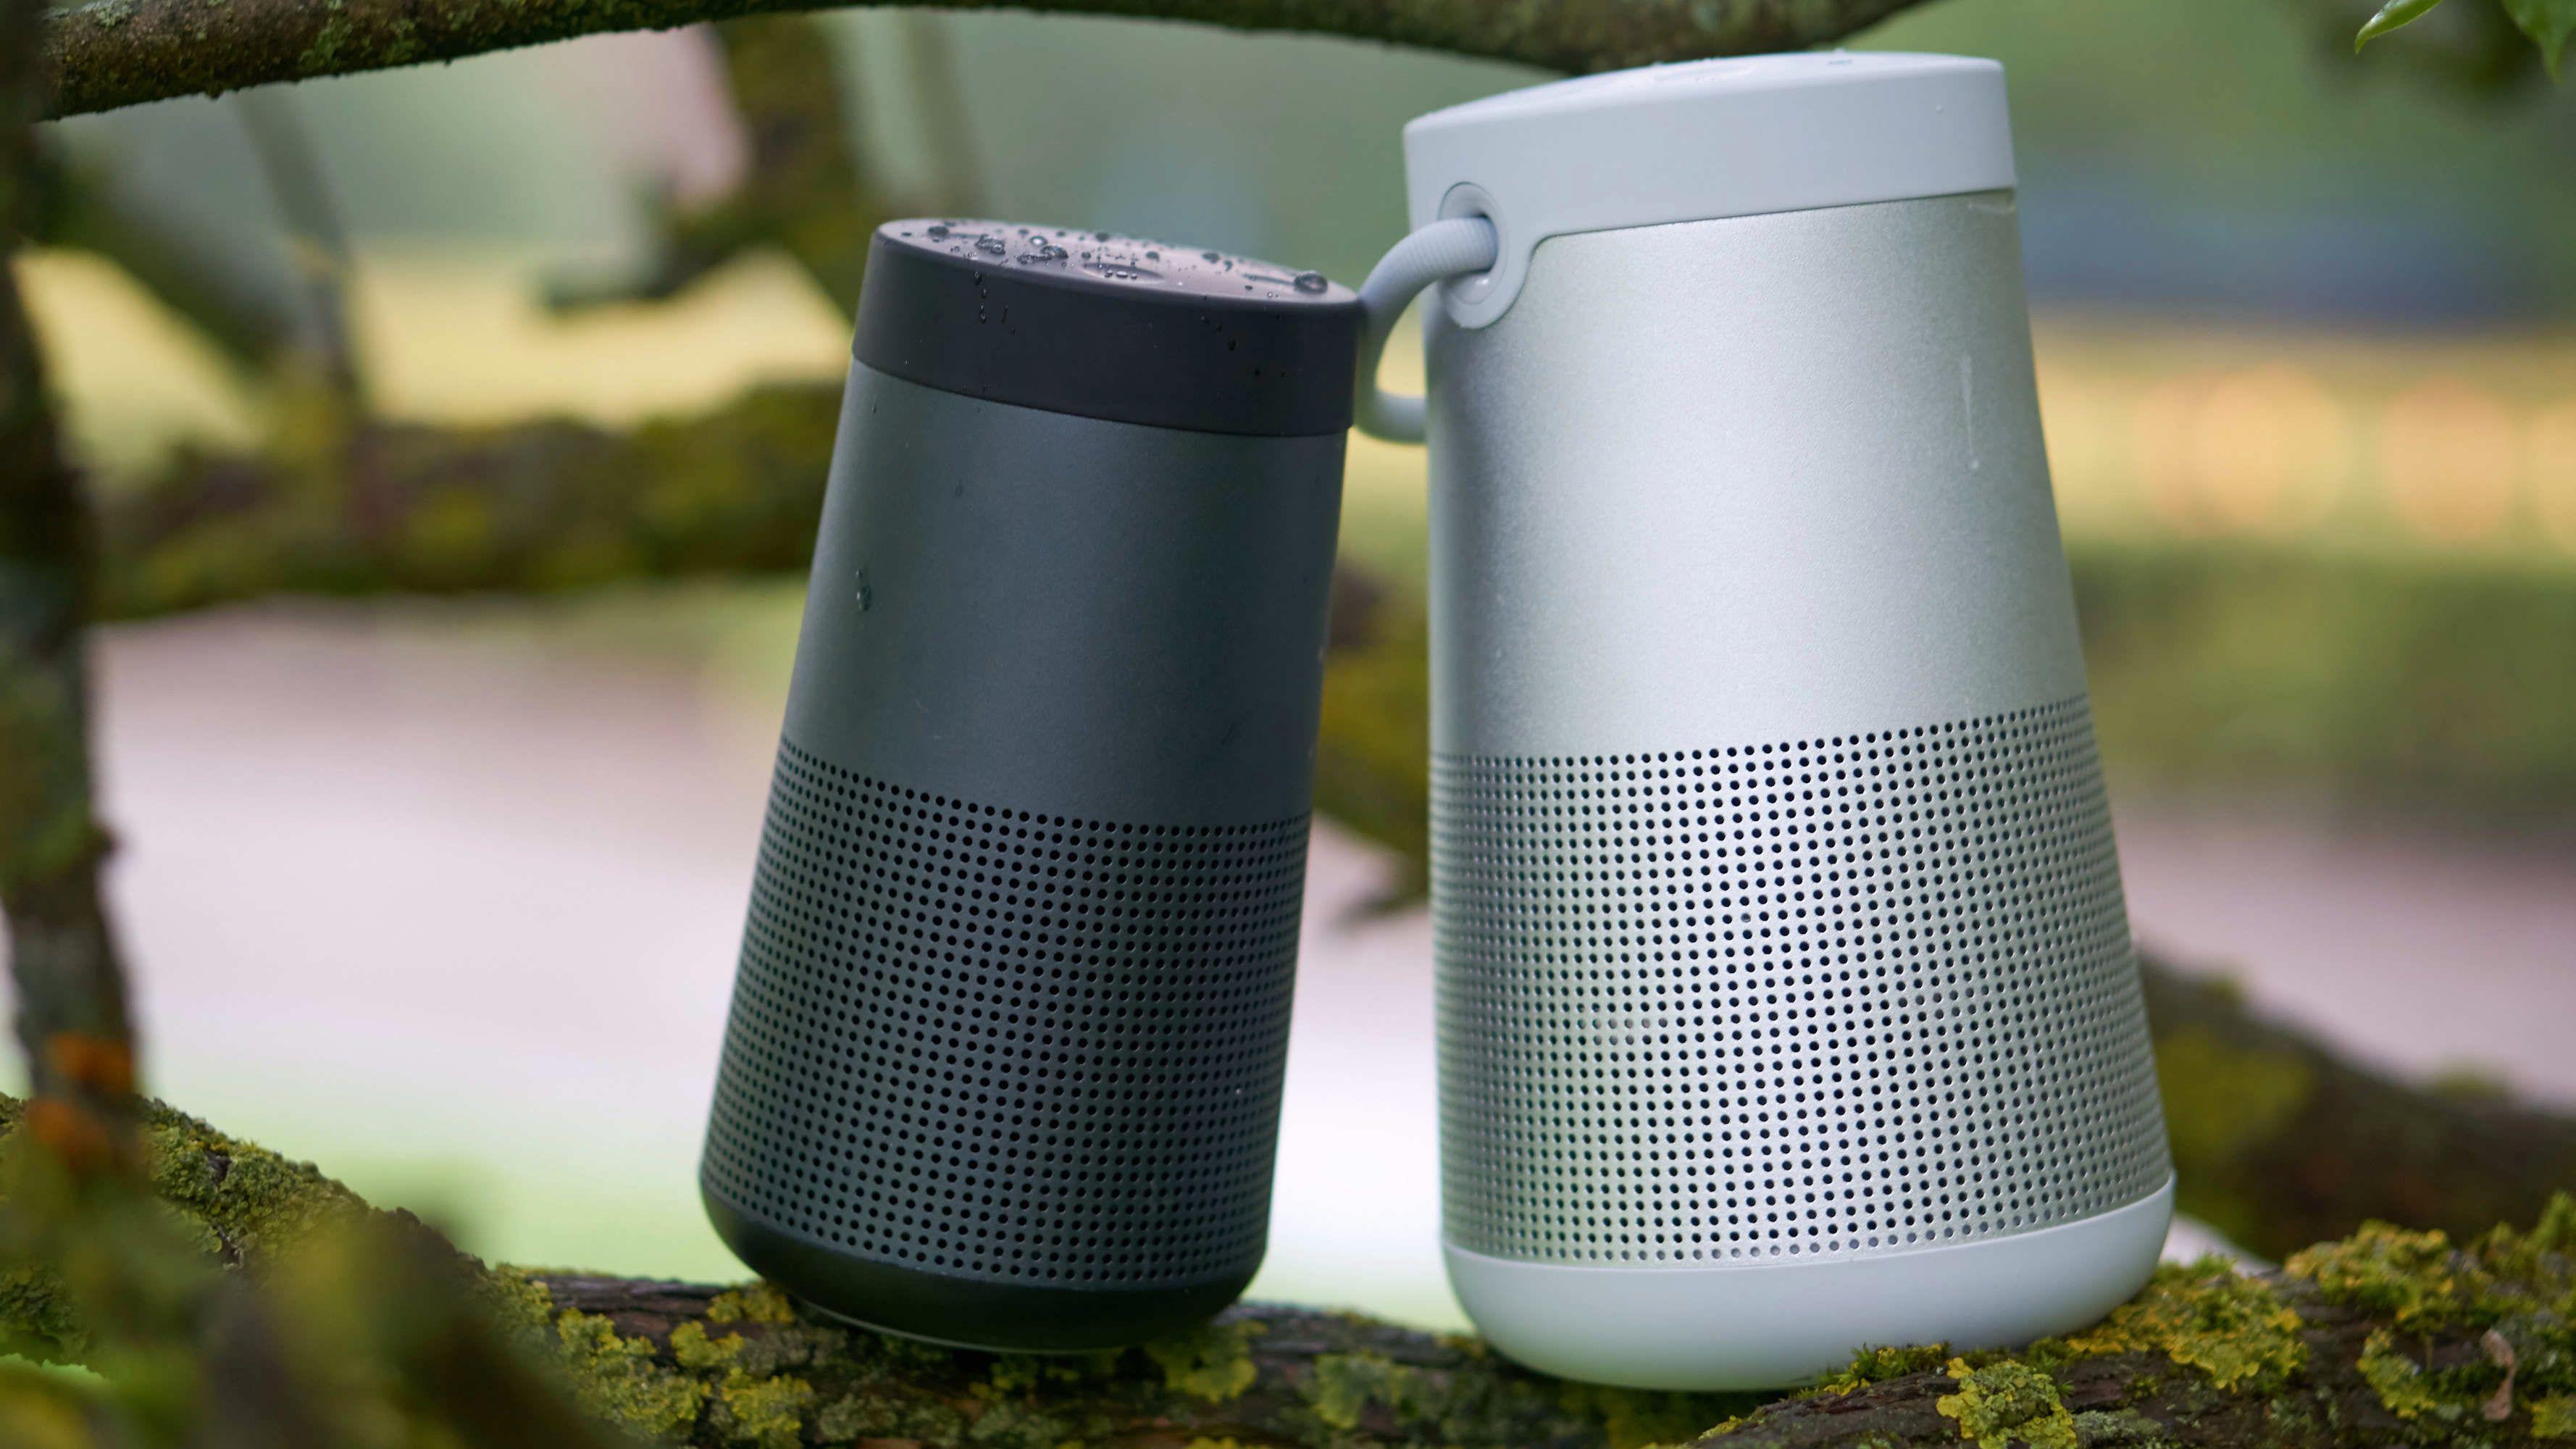 Bose Soundlink Revolve & Revolve+